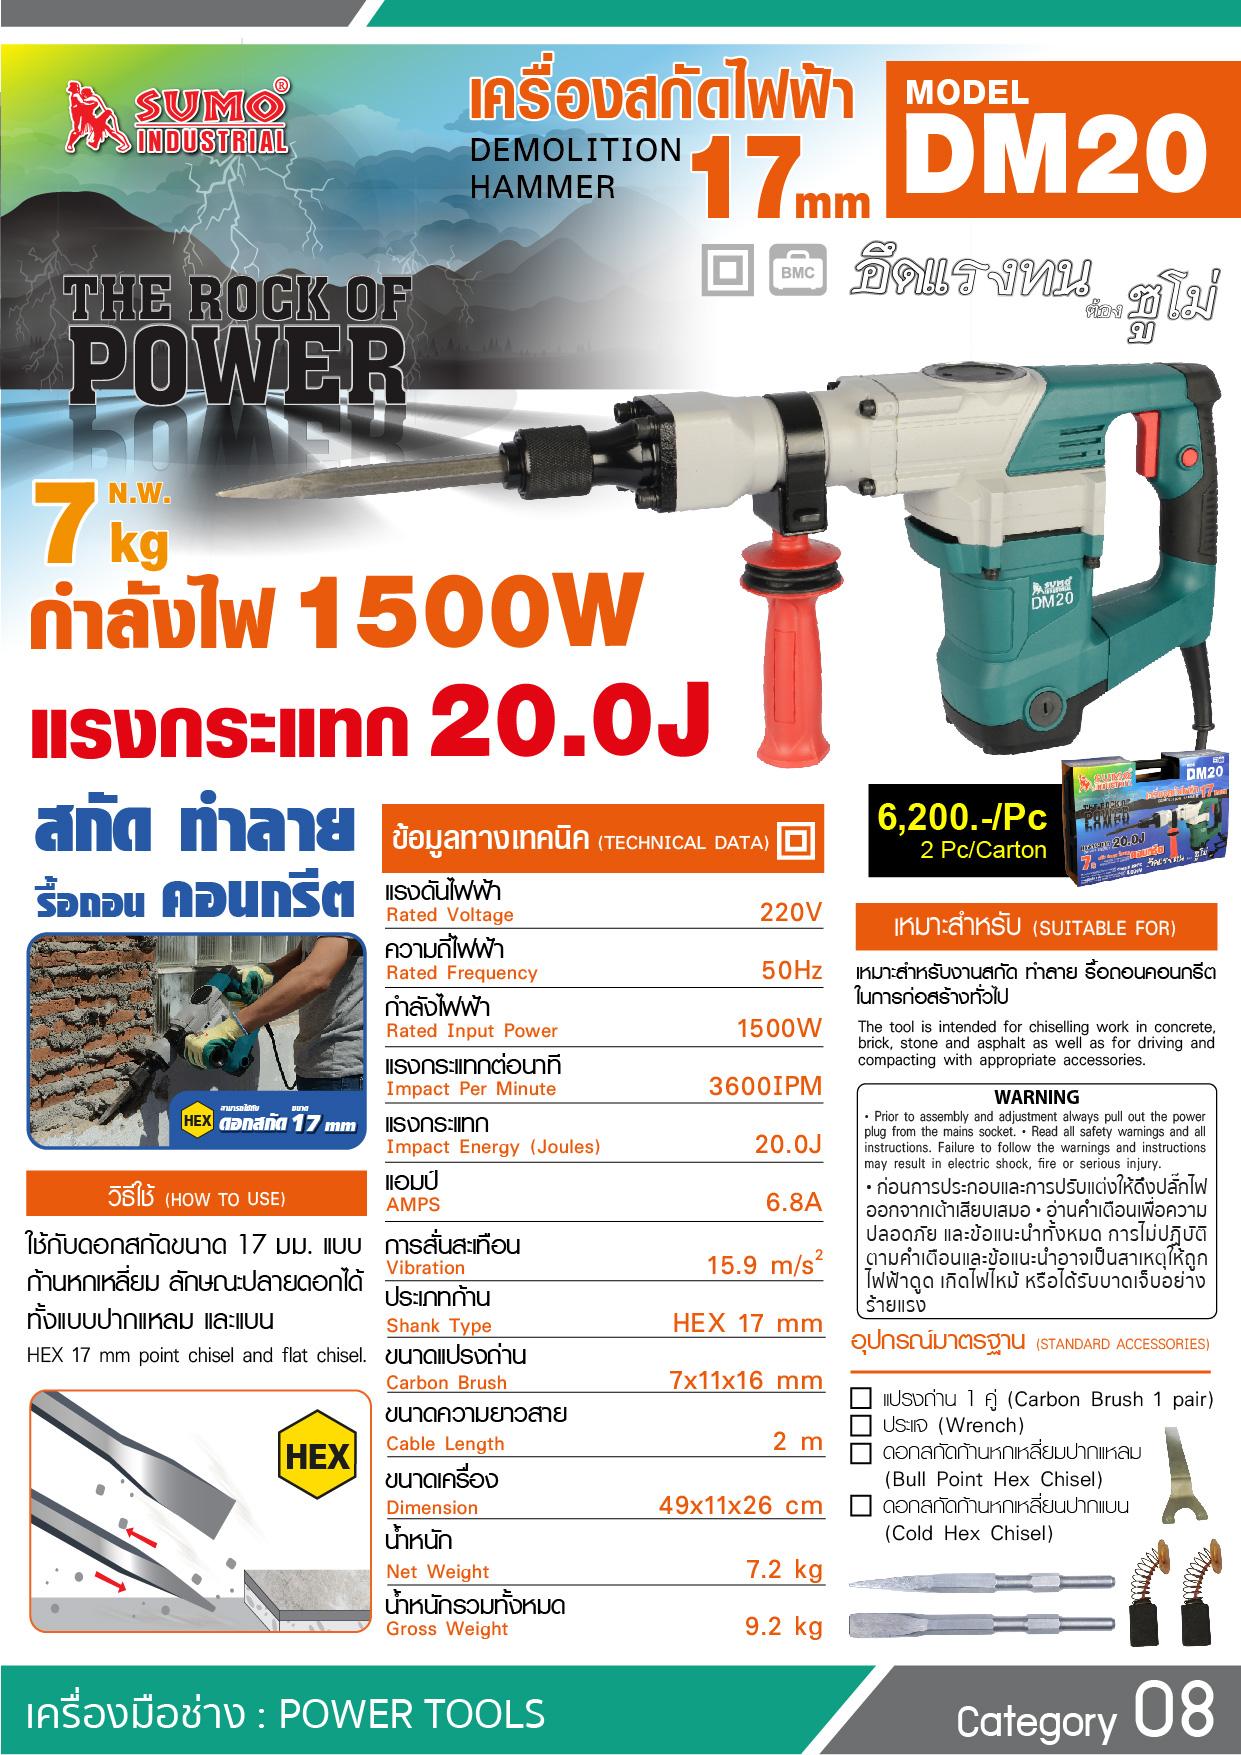 (8/22) เครื่องสกัดไฟฟ้า DM20